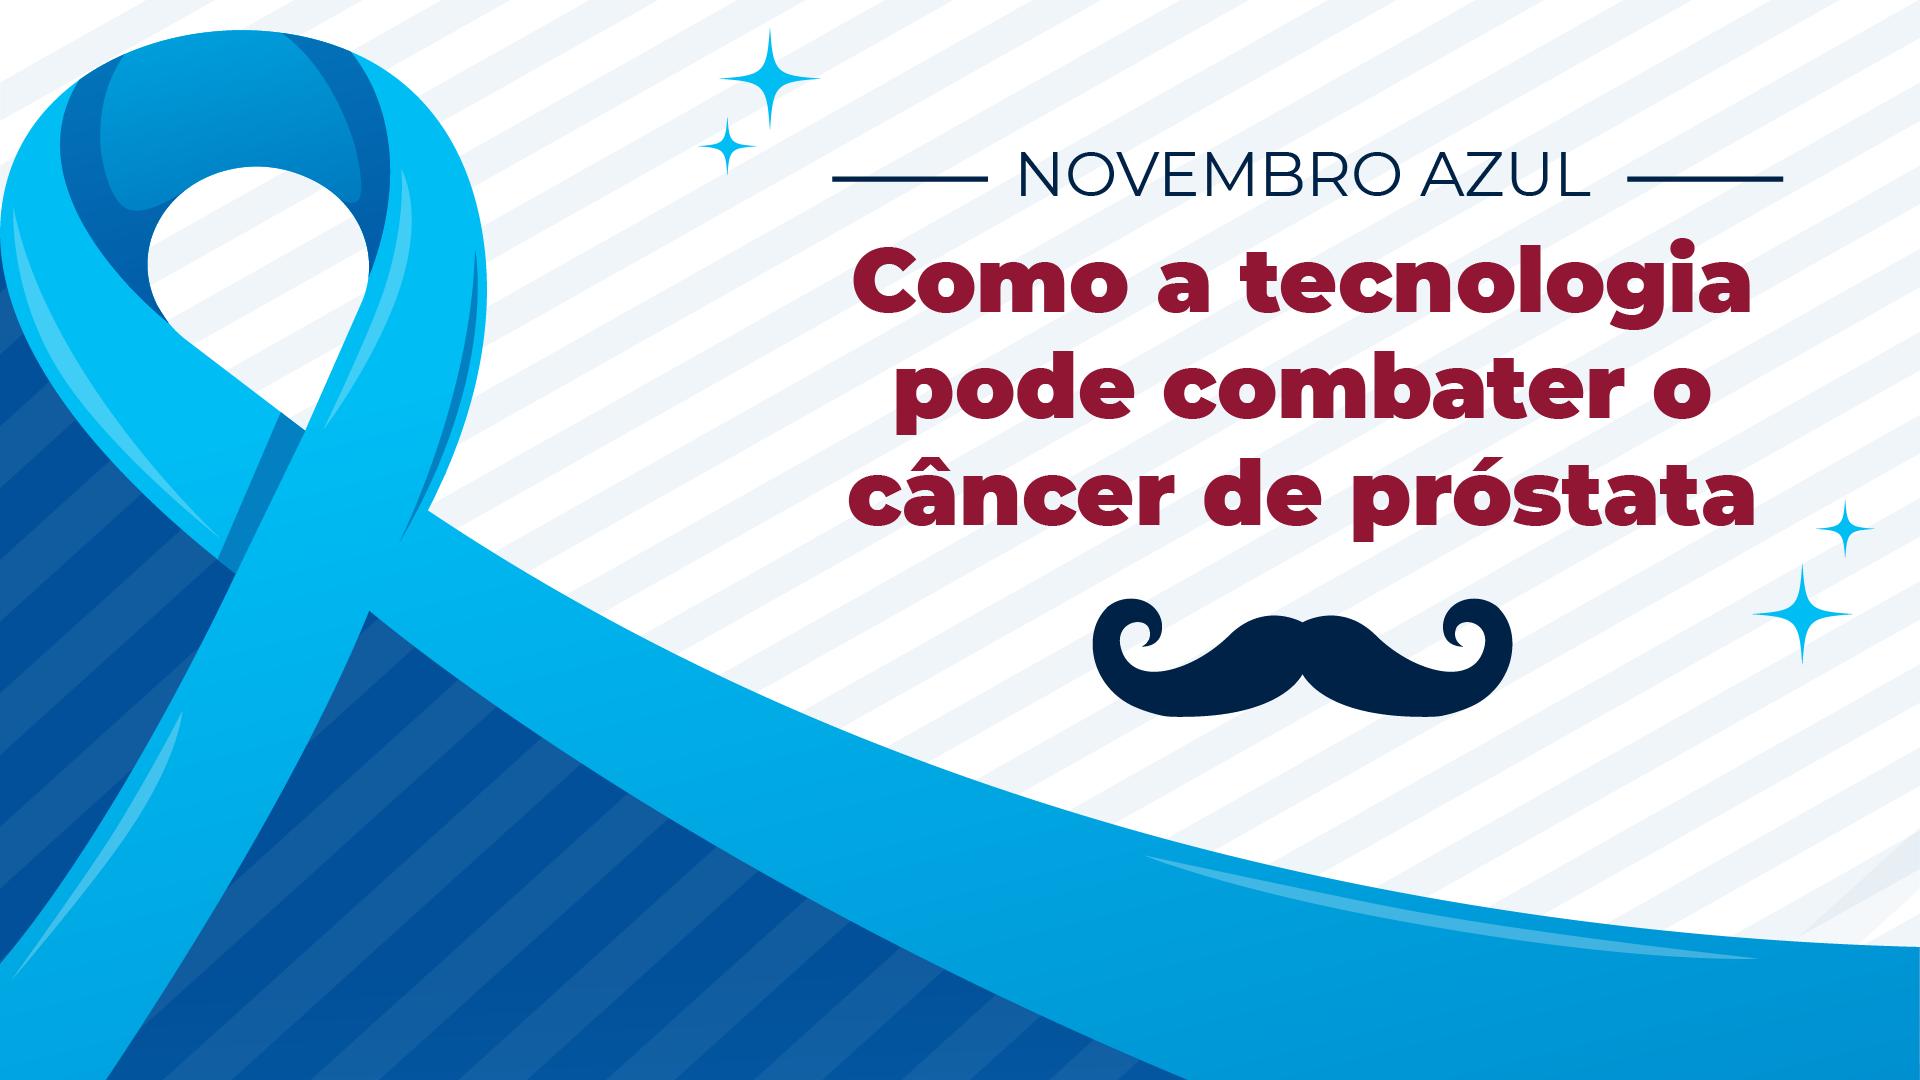 Como a tecnologia pode combater o câncer de próstata?